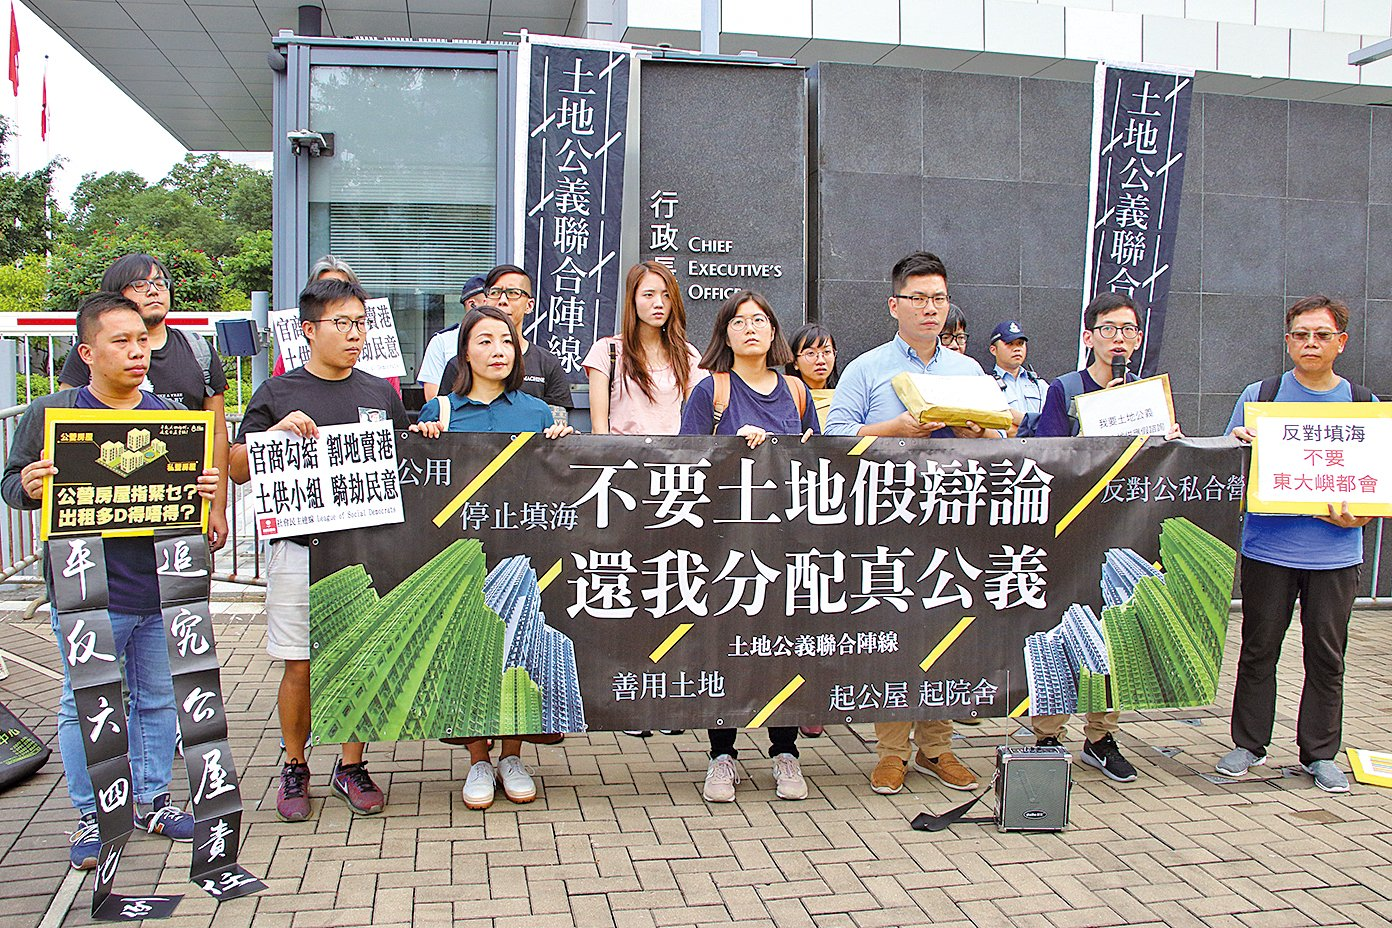 2018年9月25日,「土地公義聯合陣線」到特首辦抗議,不滿「土地大辯論」是一場有預設立場的假諮詢。 (大紀元資料圖片)